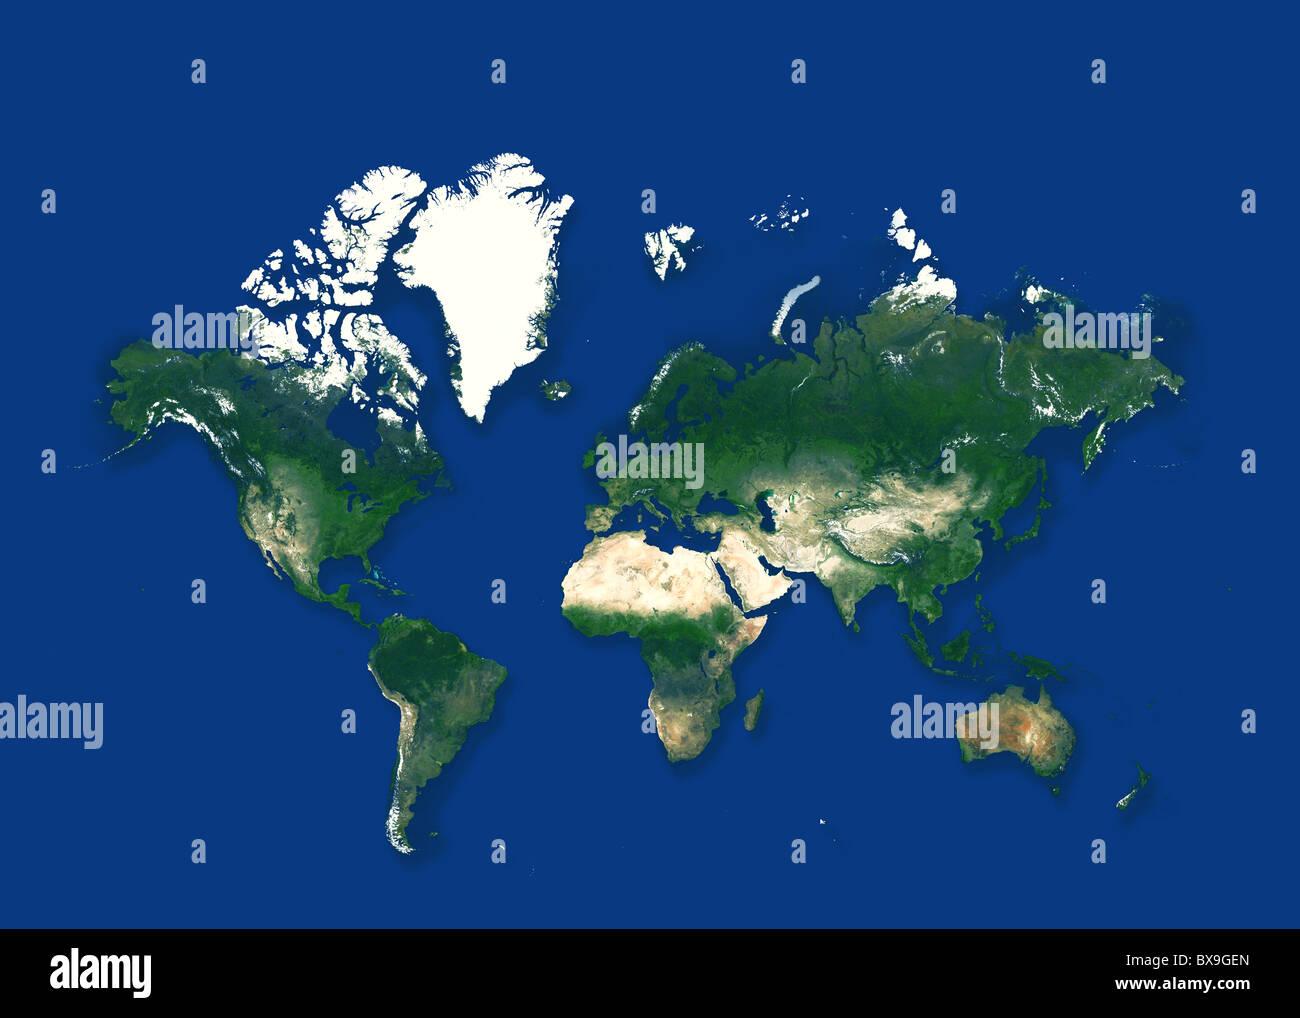 Mappa del mondo in sfondo blu Immagini Stock